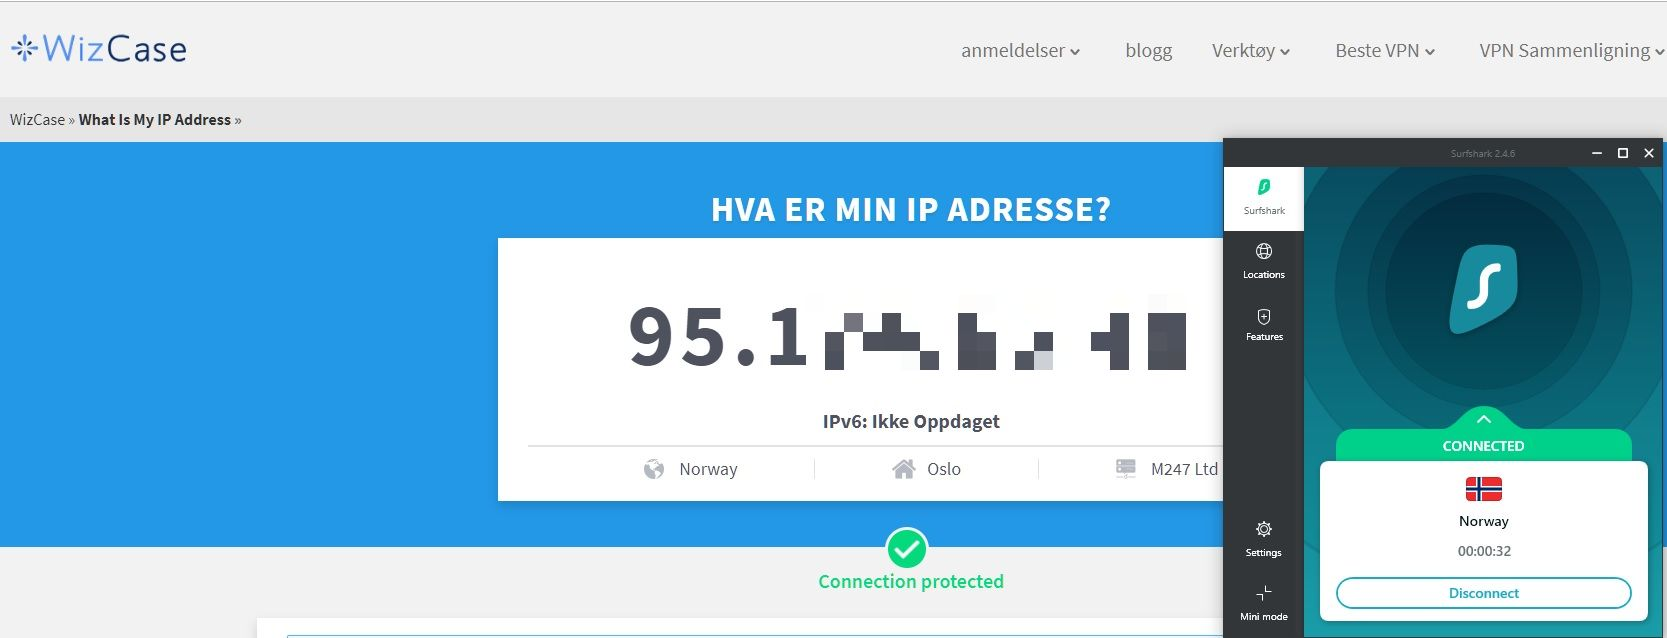 Wizcase-verktøy: Hva er IP-en?